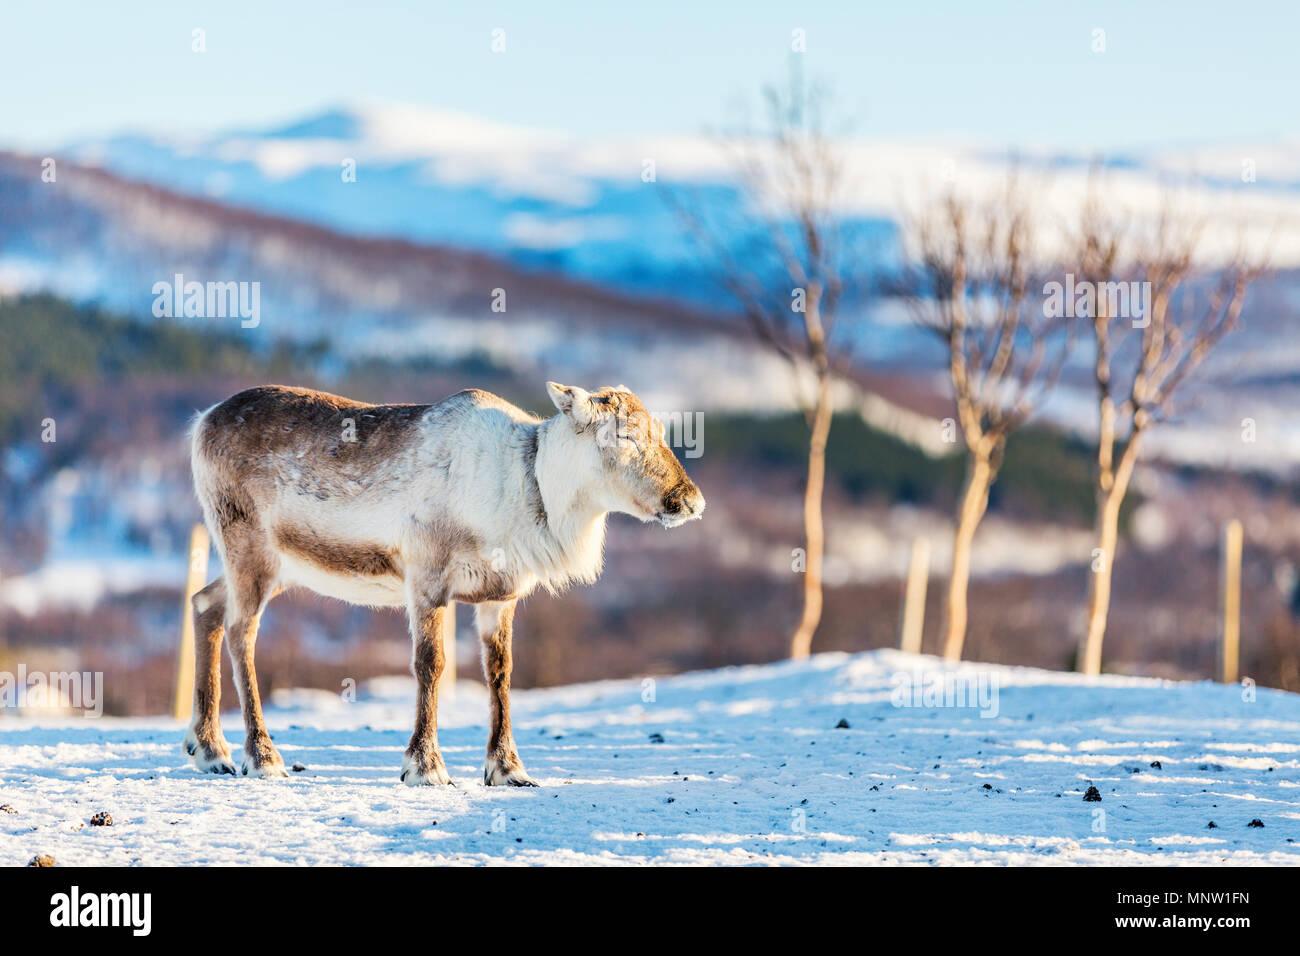 Rennes mâles sauvages dans le Nord de la Norvège avec des fjords époustouflants paysages de jour d'hiver ensoleillé Photo Stock